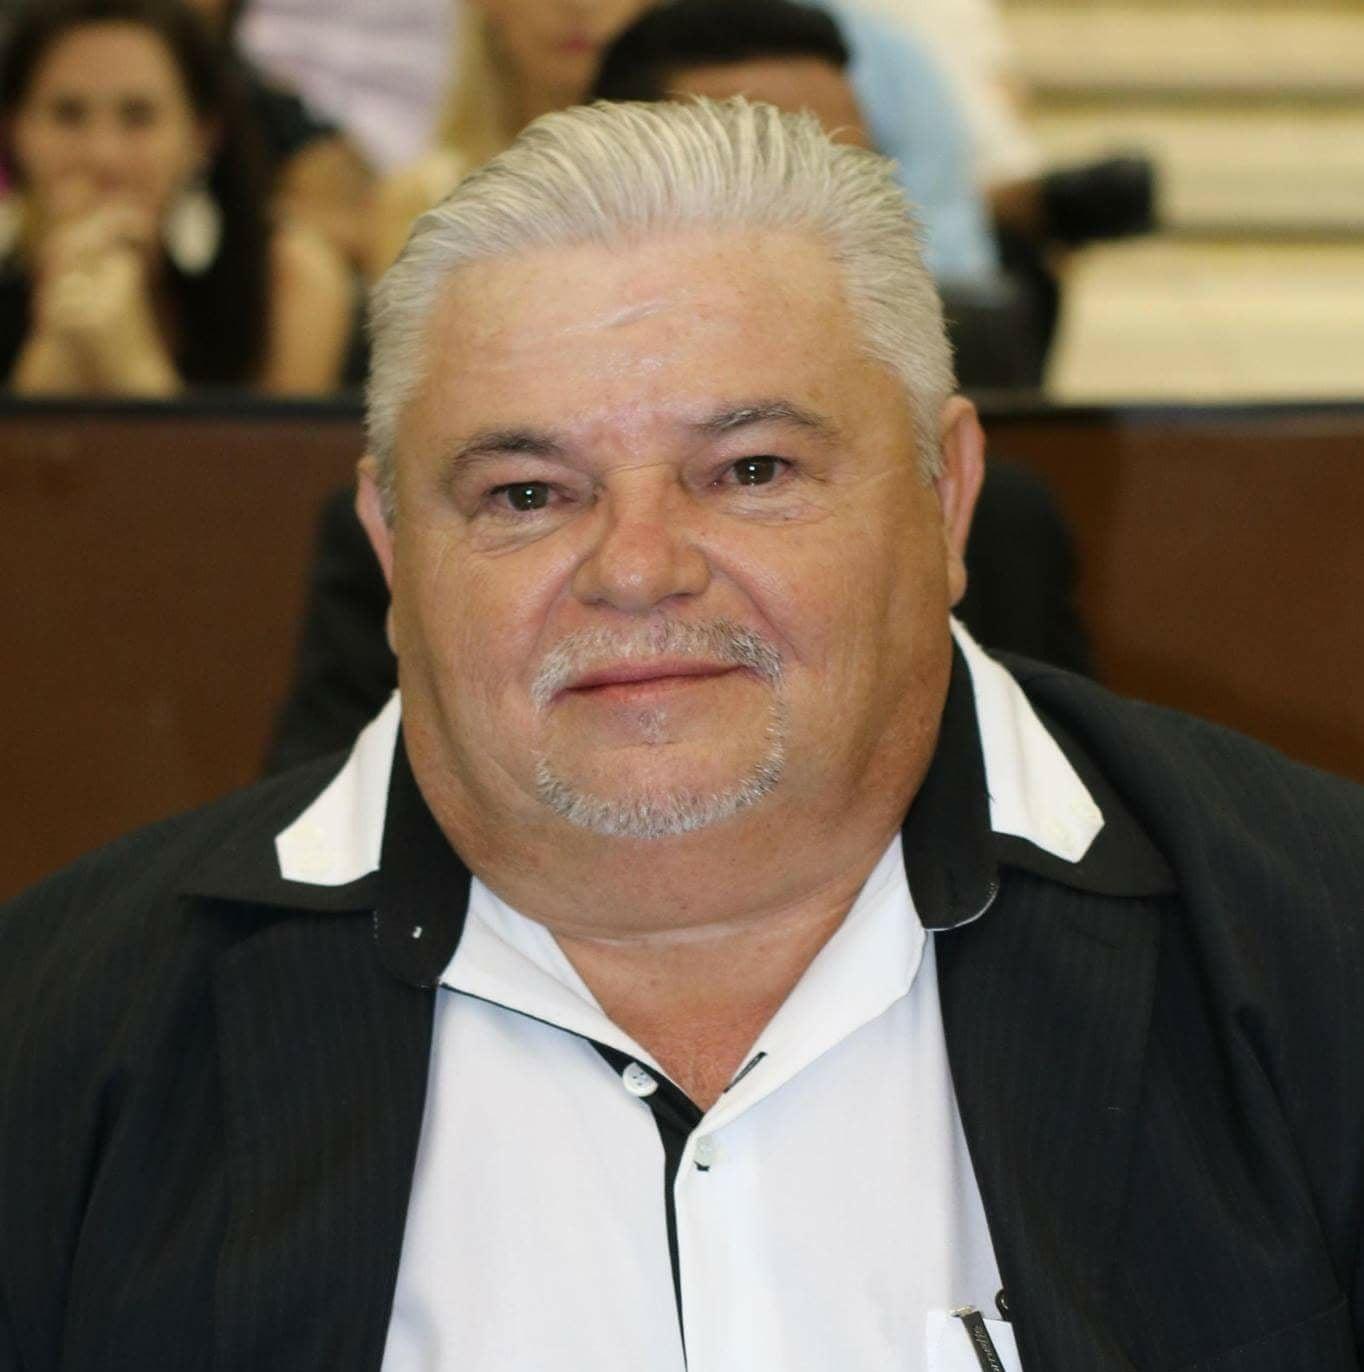 Vereador é assaltado três vezes em menos de 40 dias em SP - Notícias - Plantão Diário